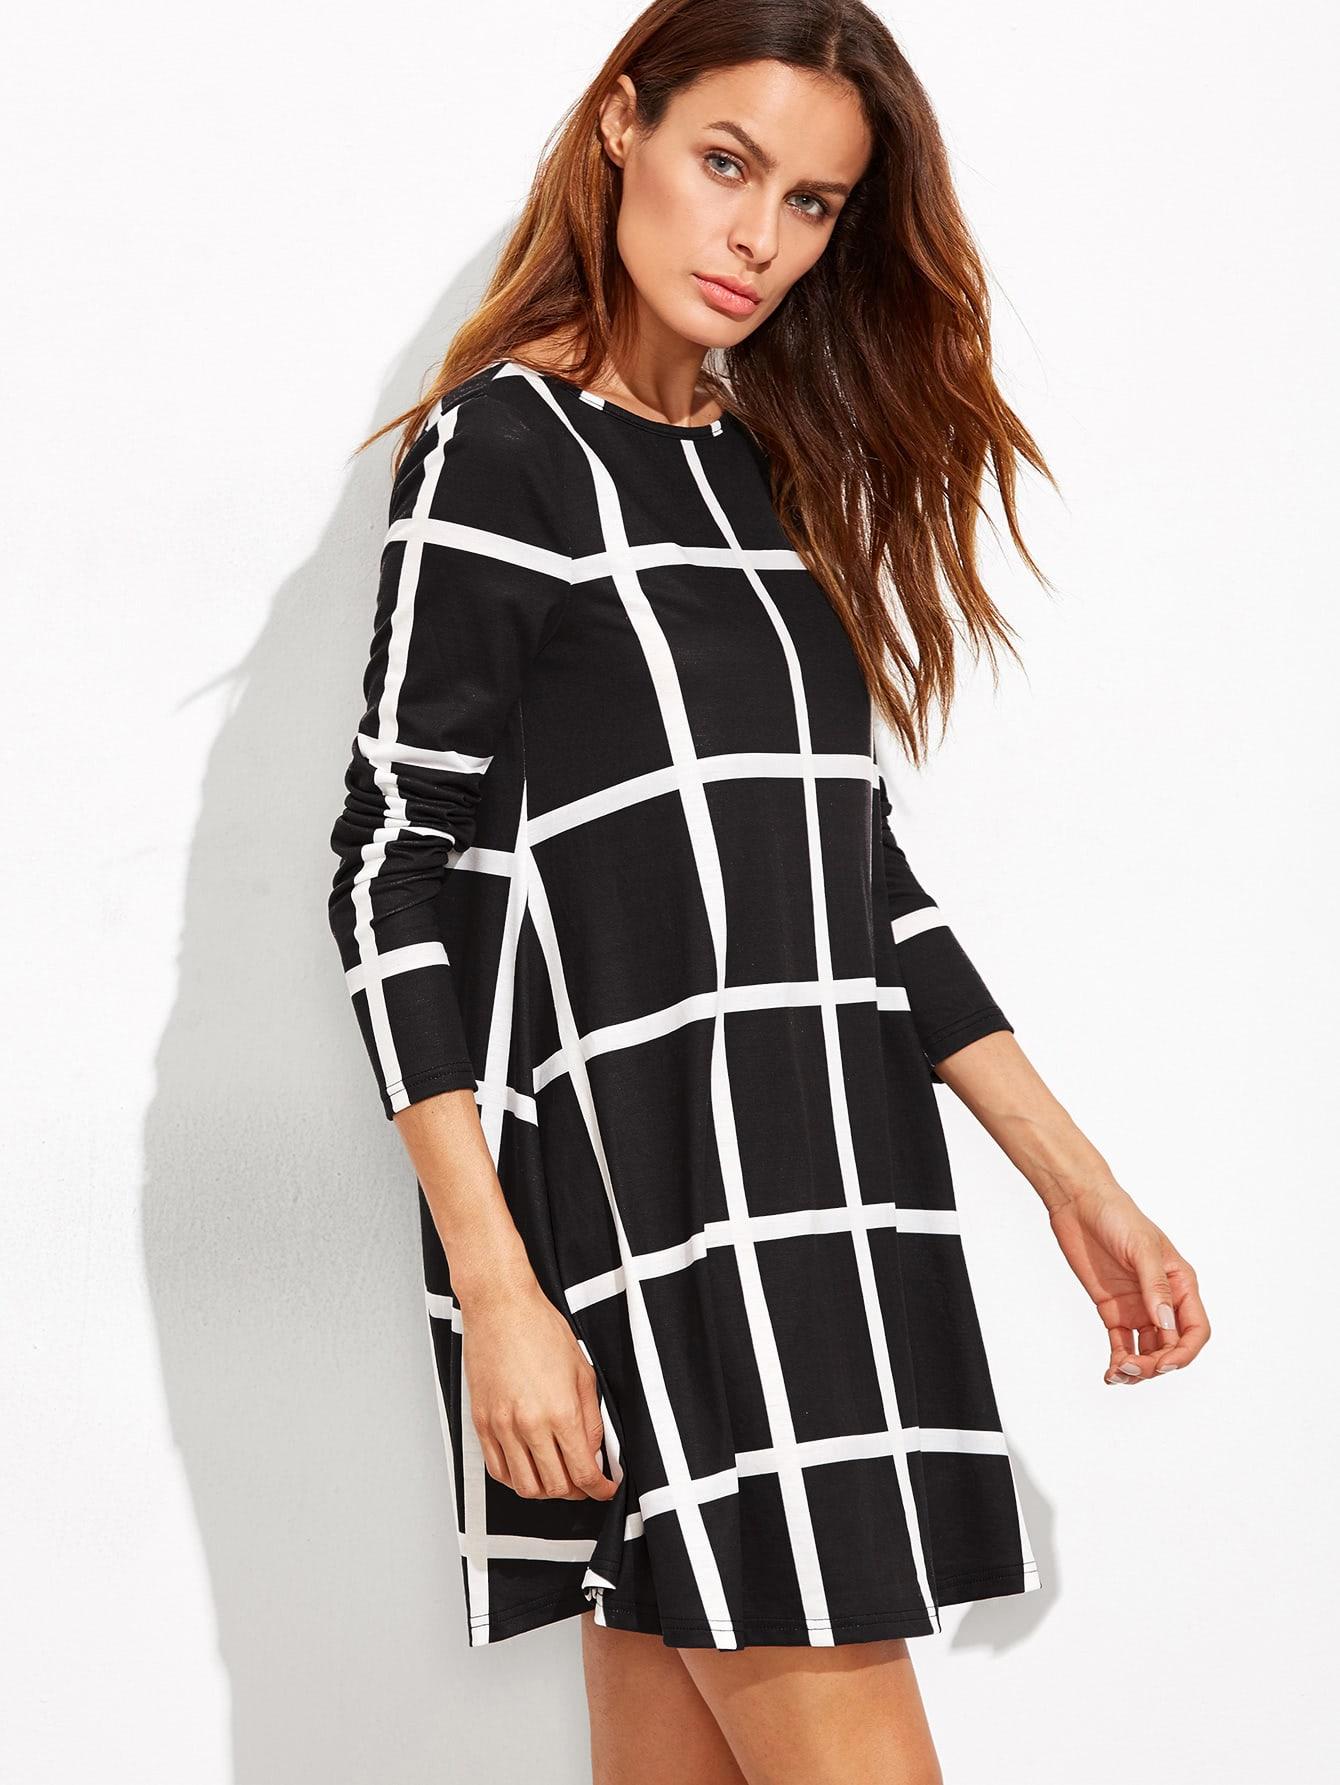 dress160922706_2